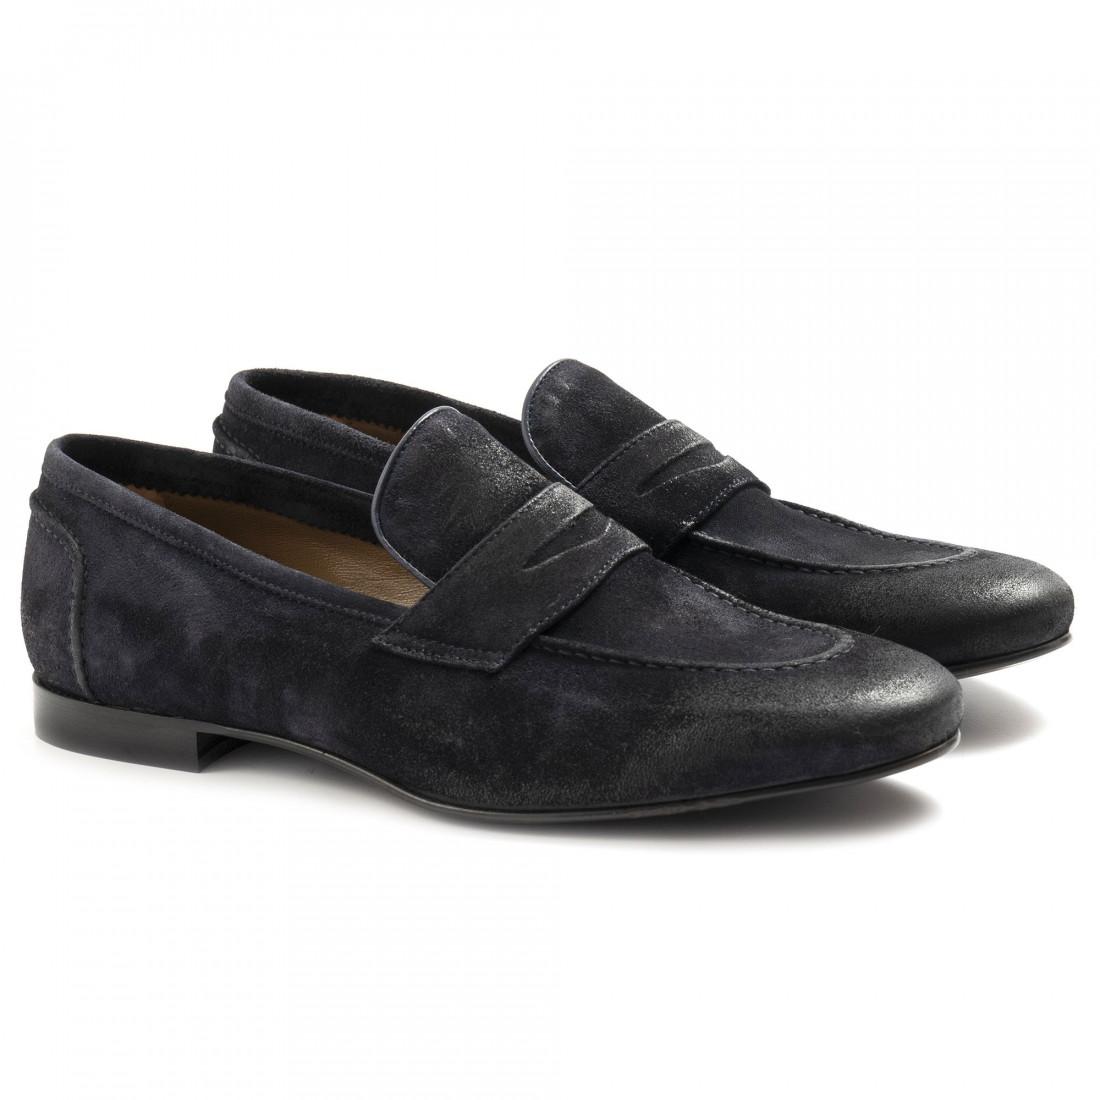 loafers man sangiorgio 1022 5cam blu 6846